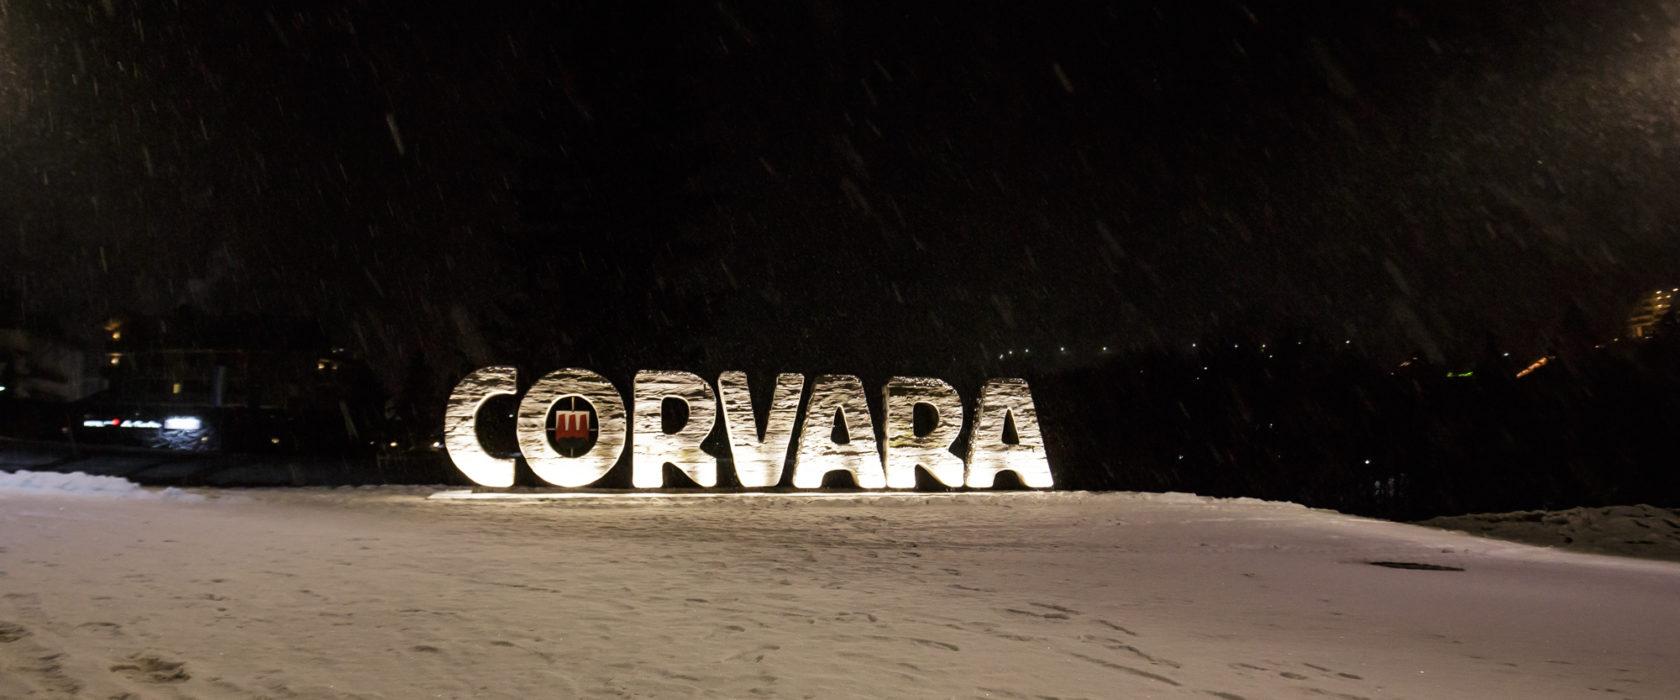 Corvara Schriftzug